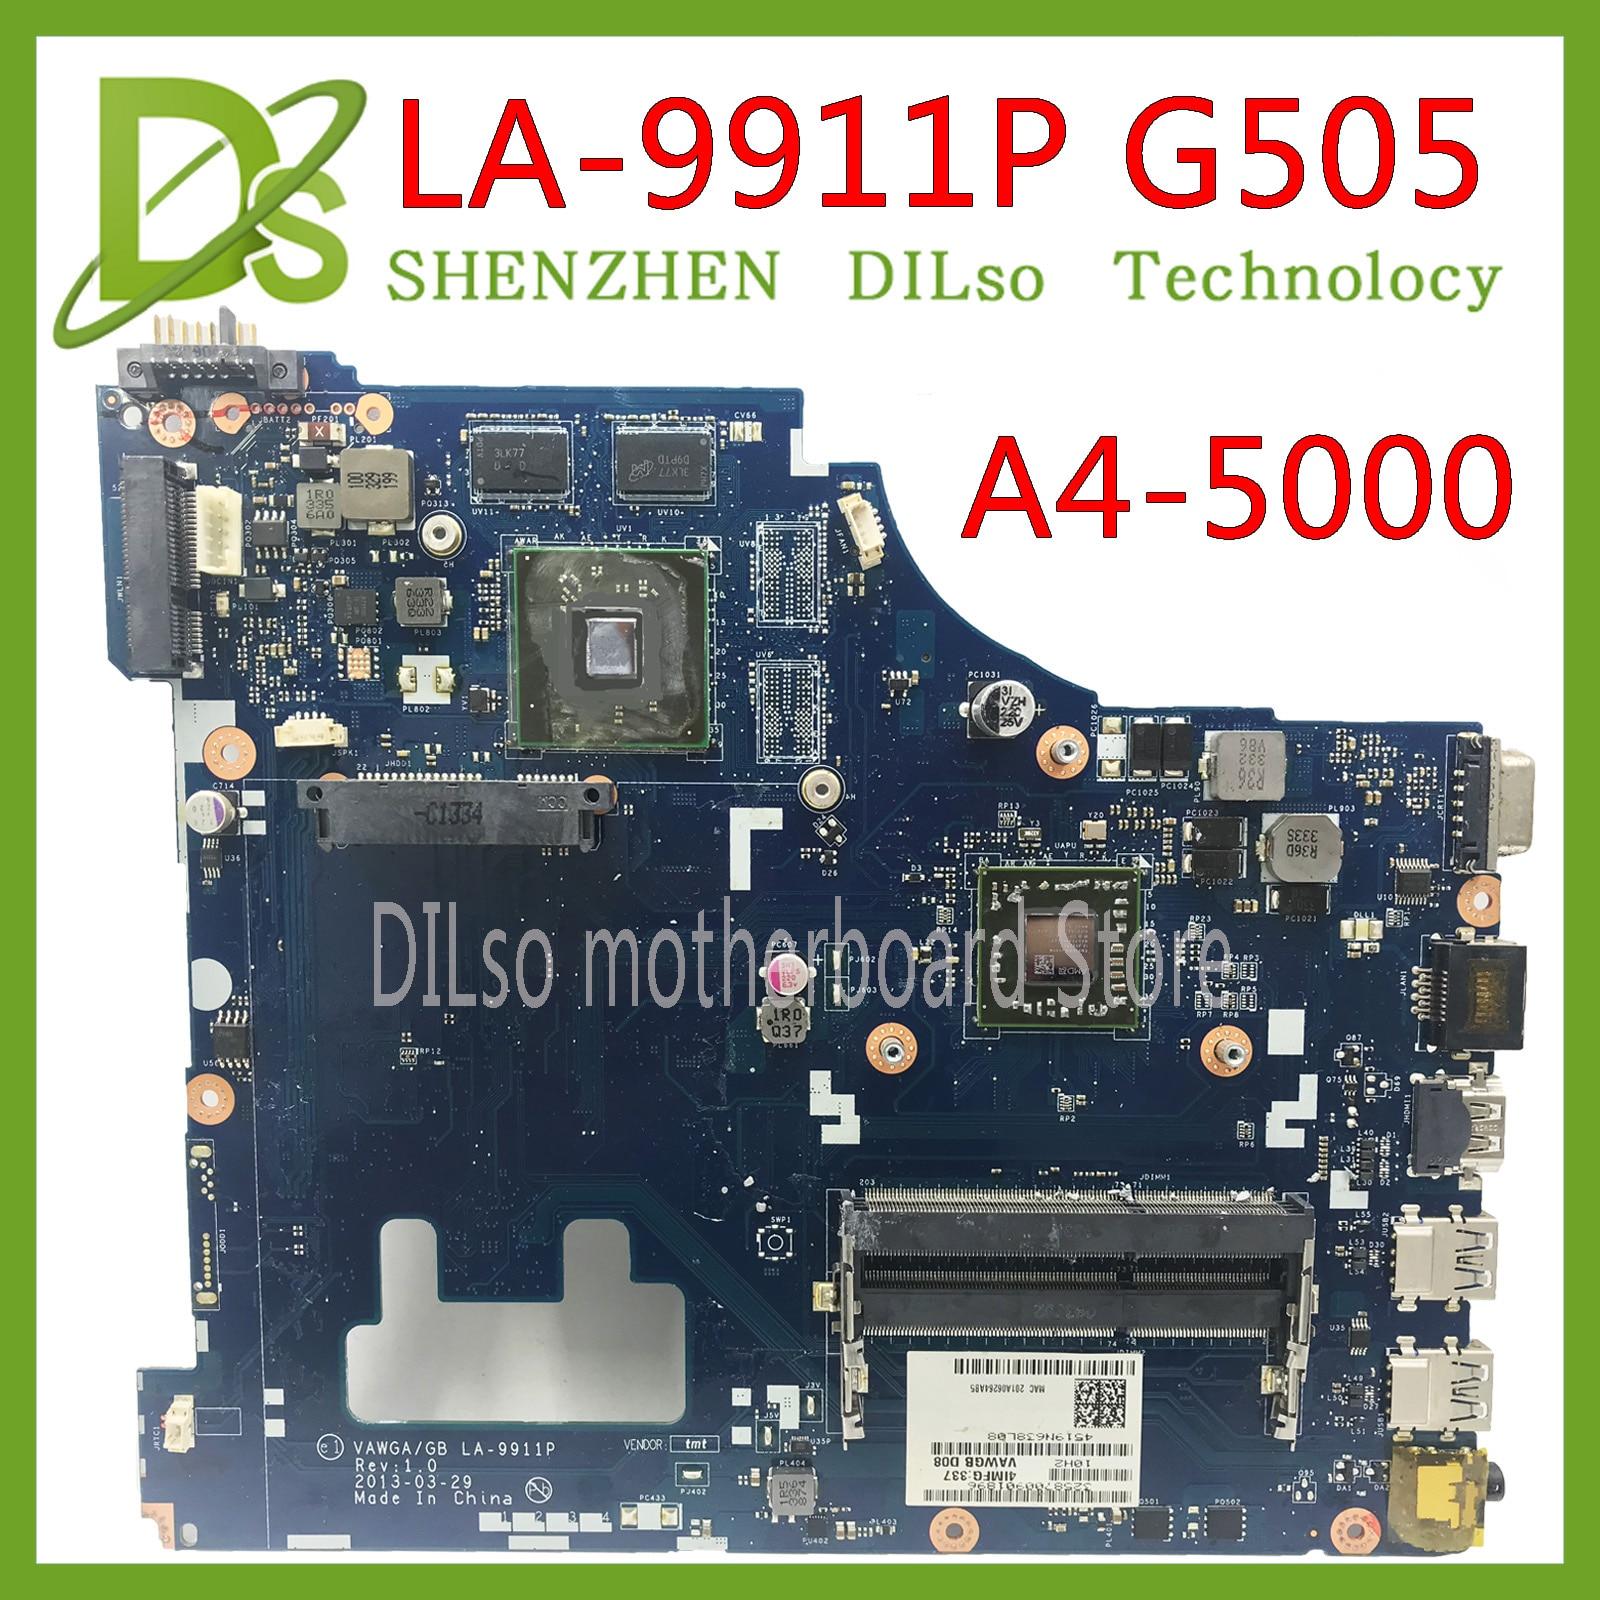 KEFU G505 VAWGA/GB la-9911p LA-9911P motherboard para lenovo g505 motherboard motherboard com CPU Teste A4